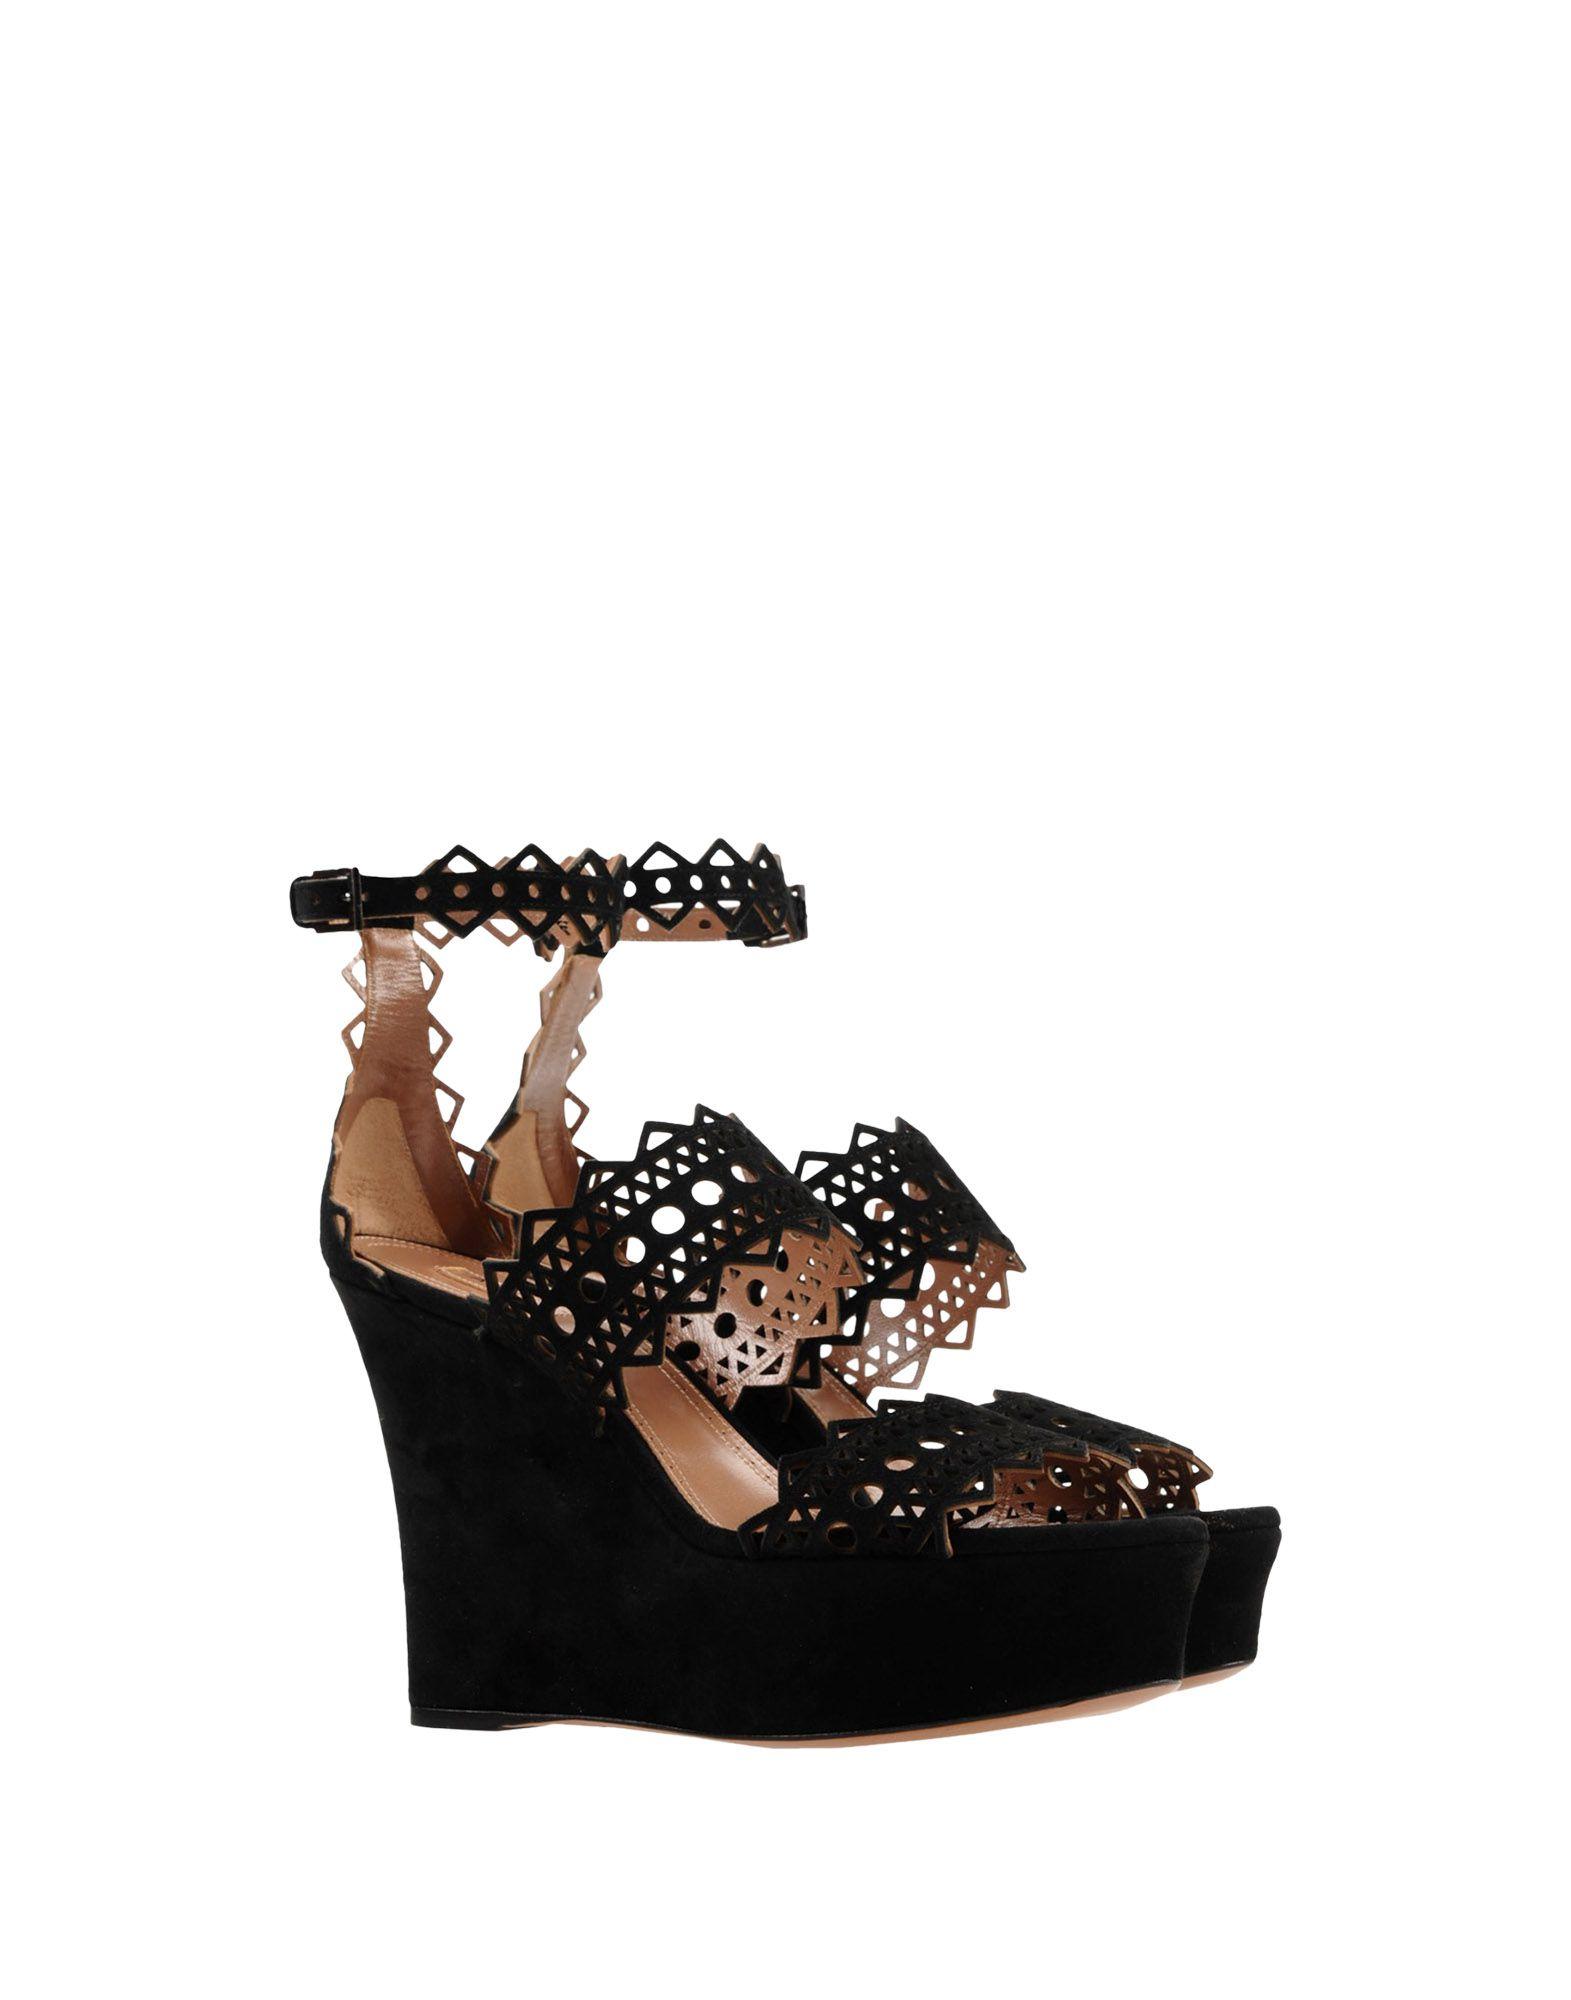 Alaïa Sandalen Damen Damen Sandalen  11398541VK Heiße Schuhe c418bf